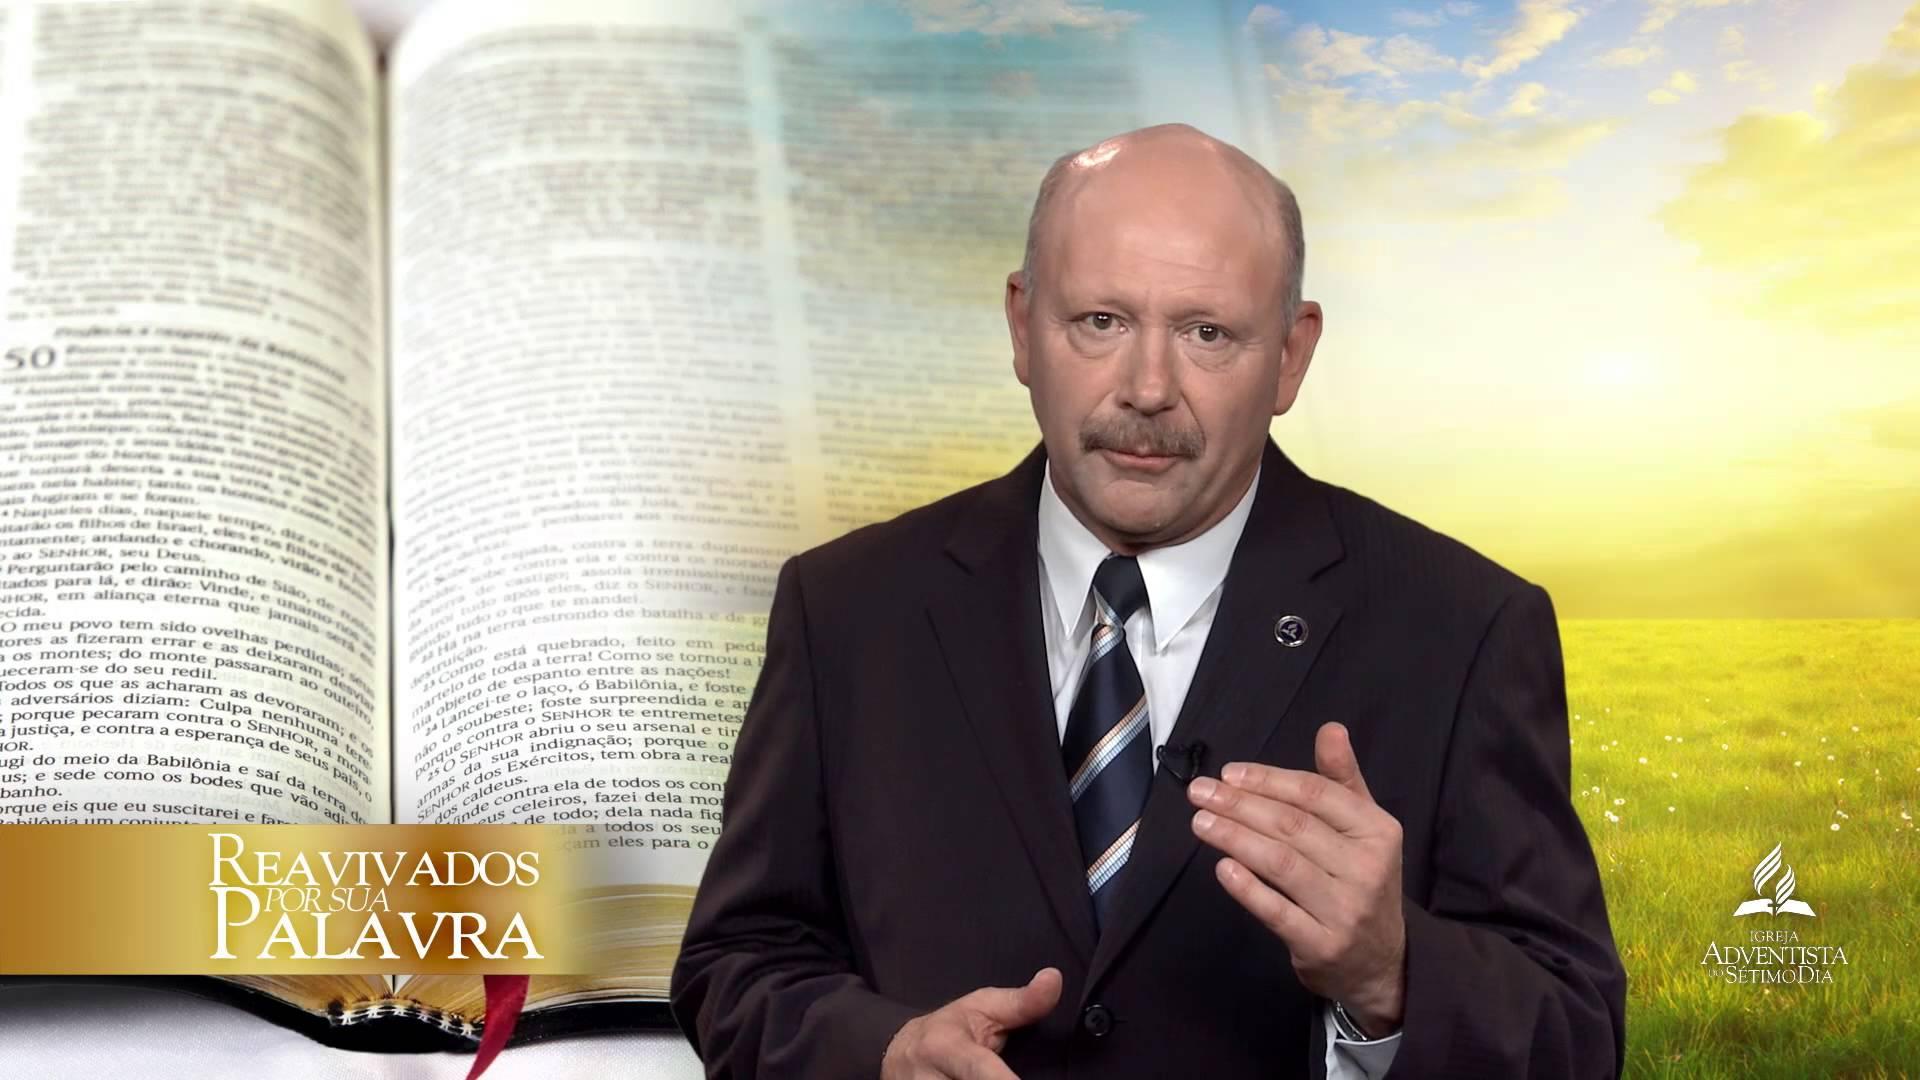 Juízes – RPSP – Plano de Leitura da Bíblia da Igreja Adventista